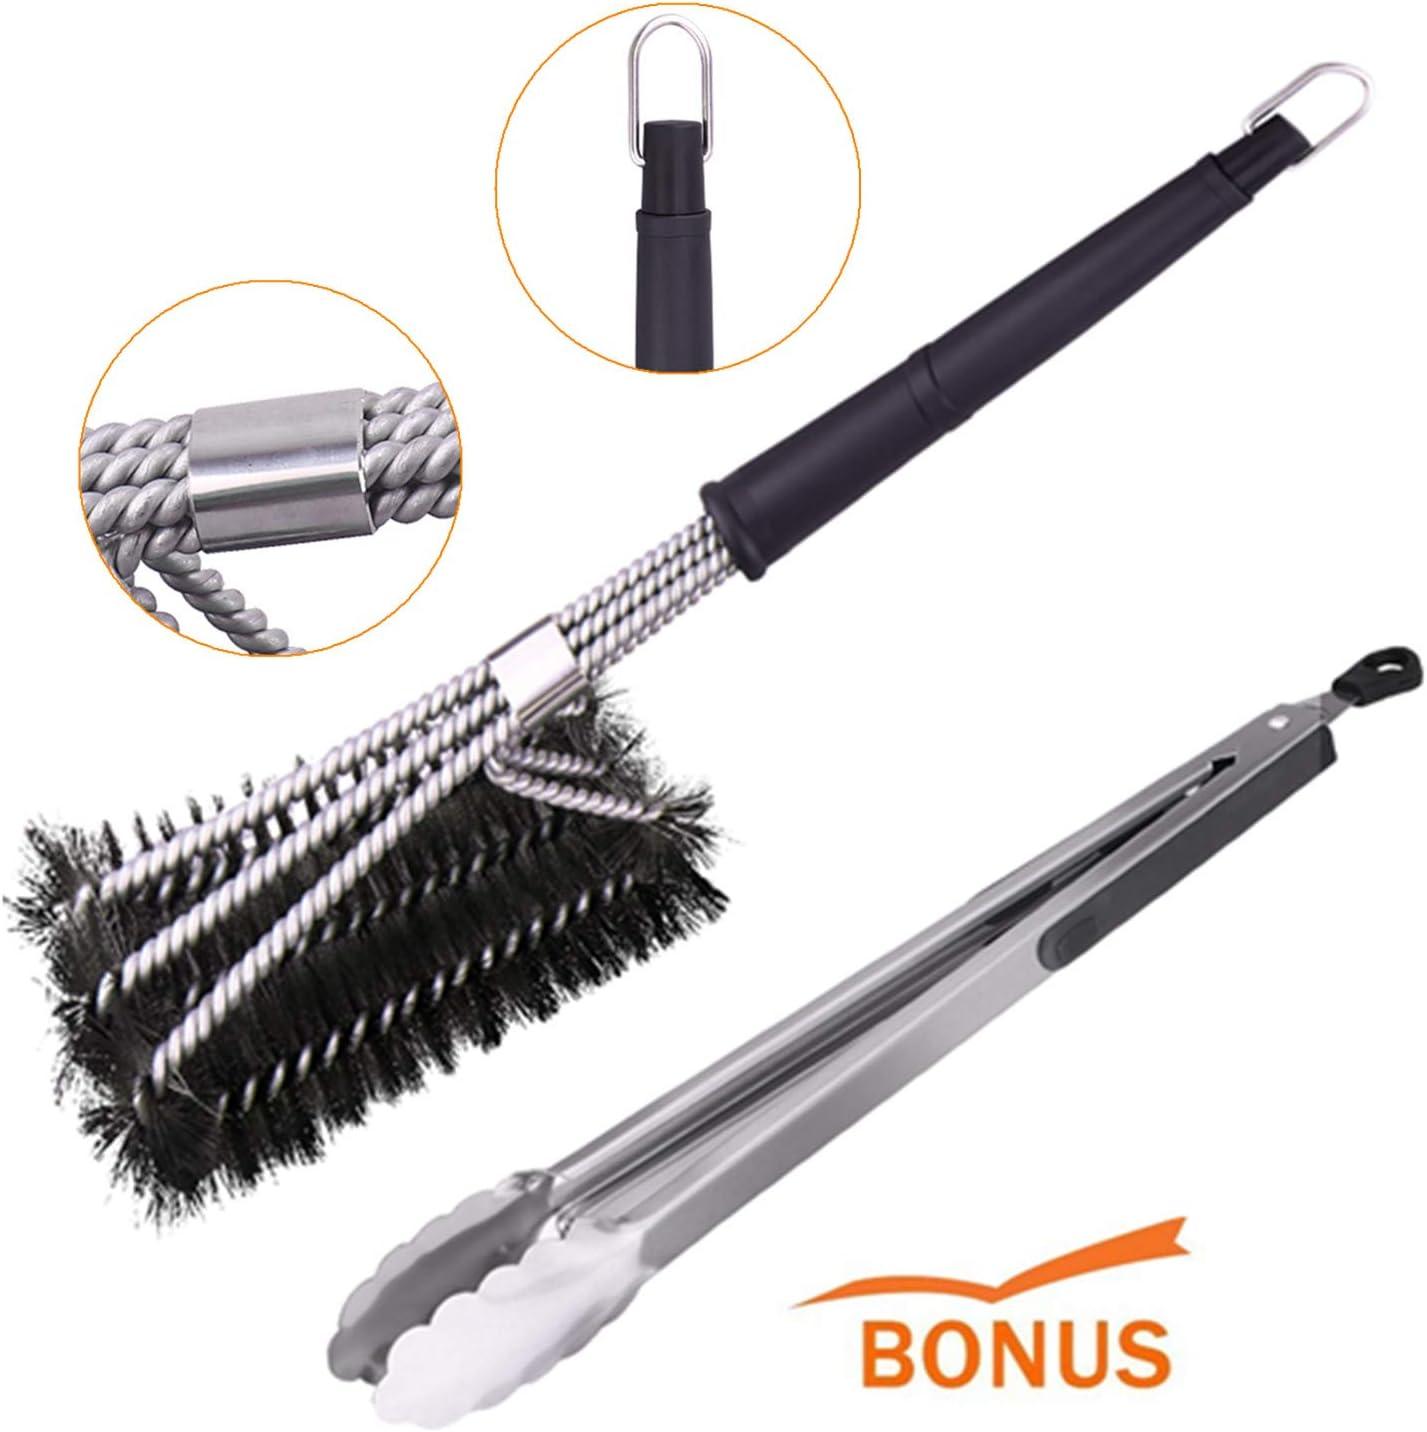 Fesoar Cepillo Barbacoa de Limpieza, 360° Cepillos de Acero Inoxidable, Profesional Cepillo para Uso Comercial, al Aire Libre y para Acampar